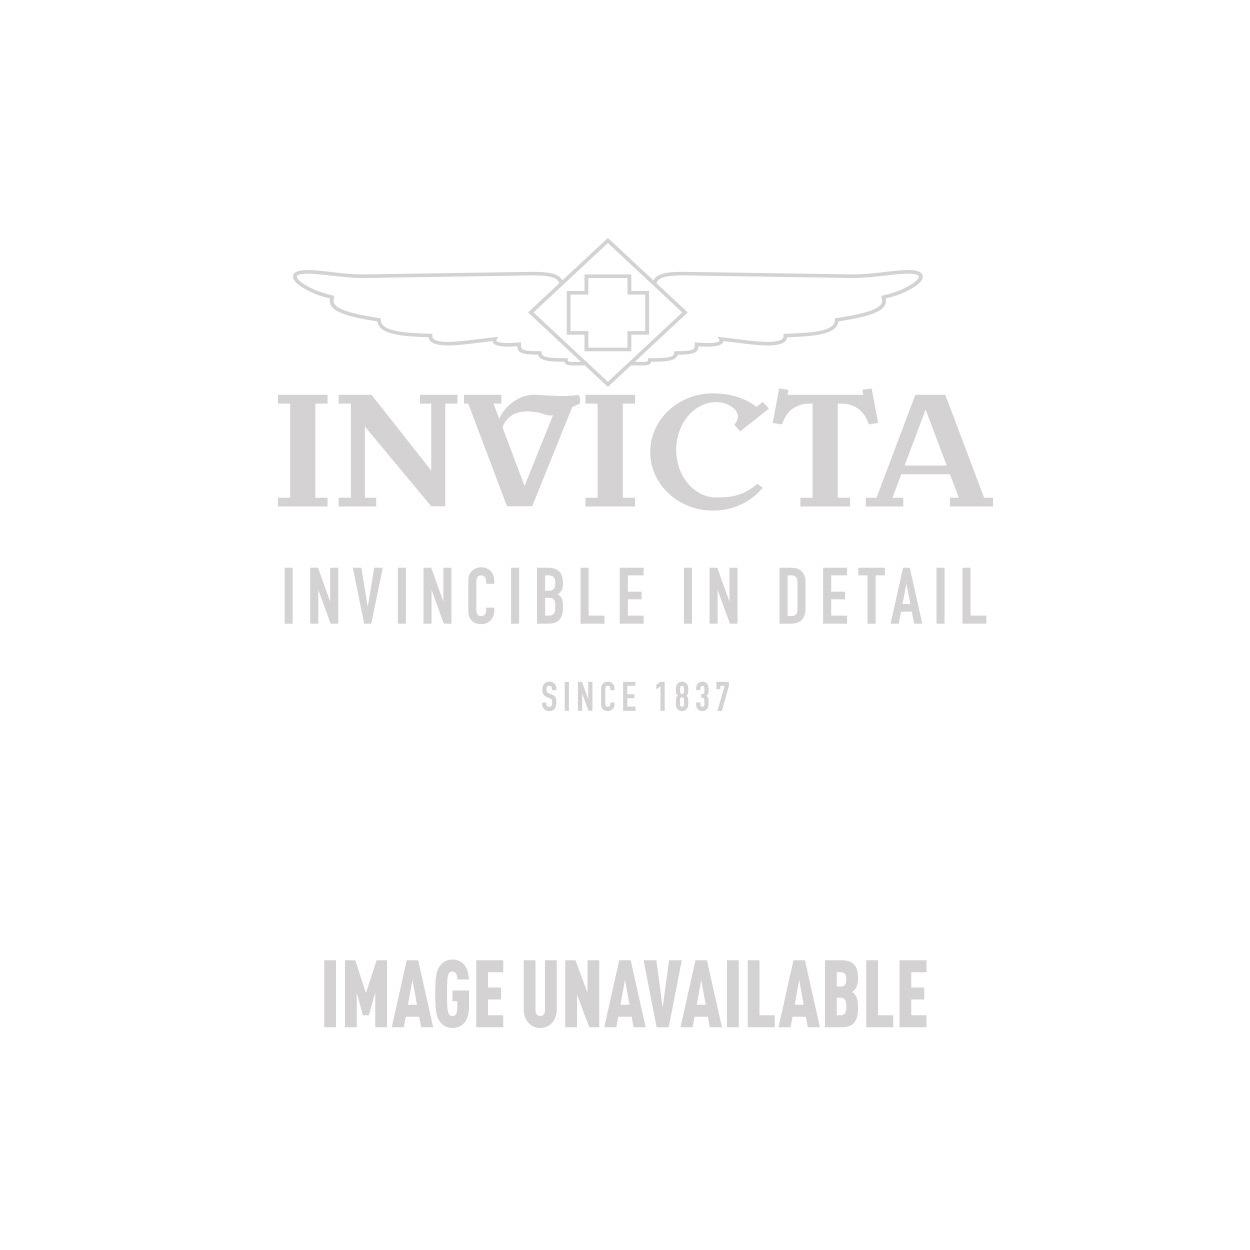 Invicta Model 25867